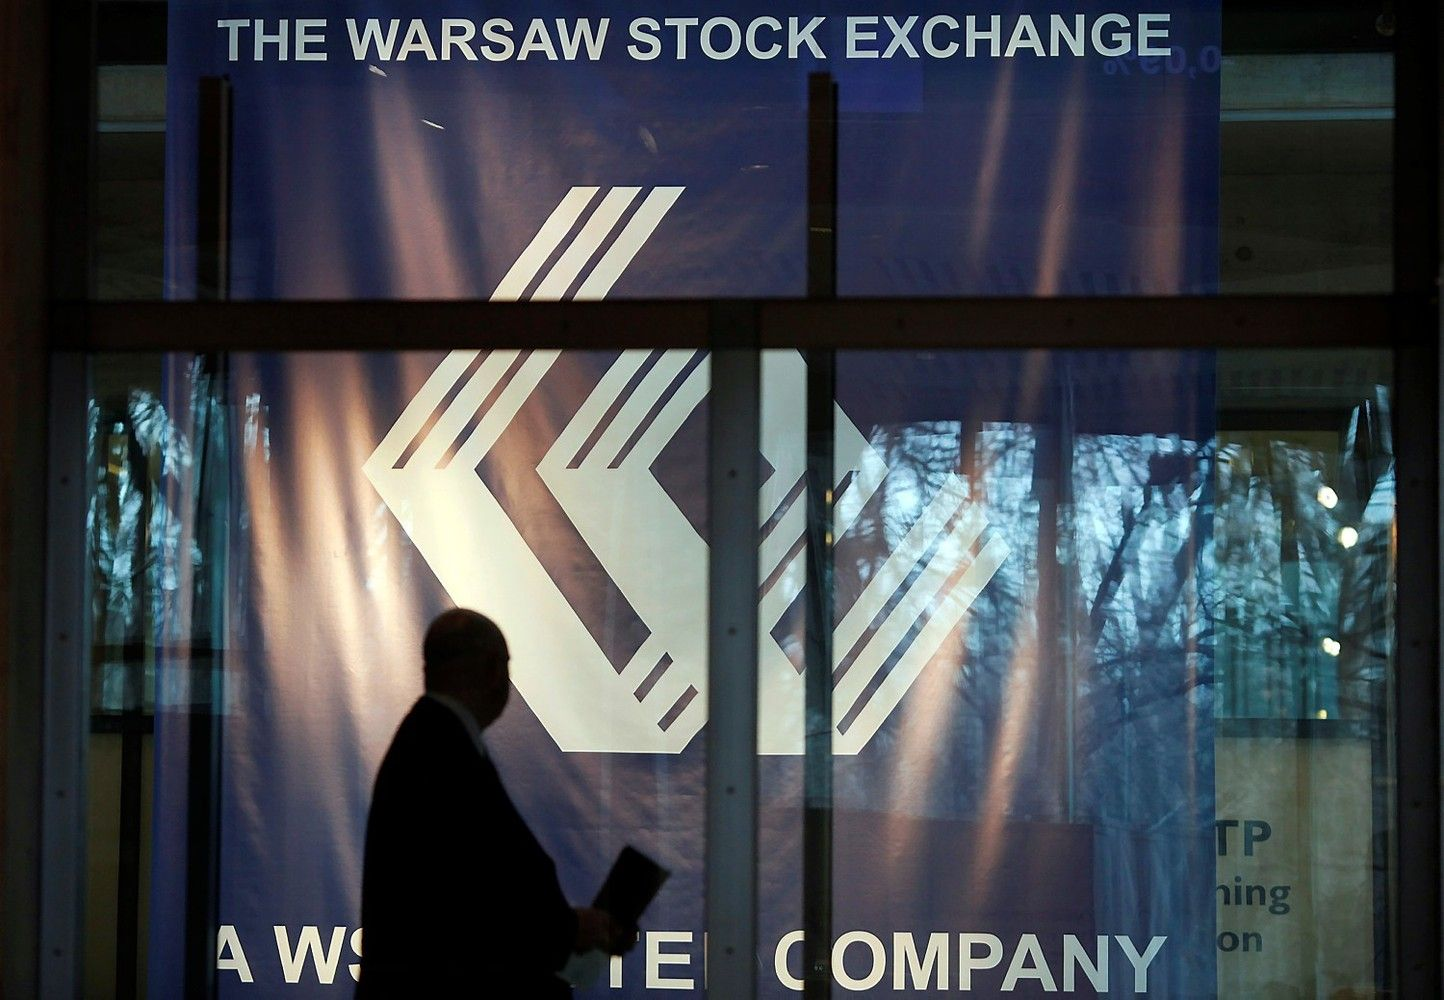 Ruošiamasi vienam didžiausių IPO Varšuvos biržos istorijoje